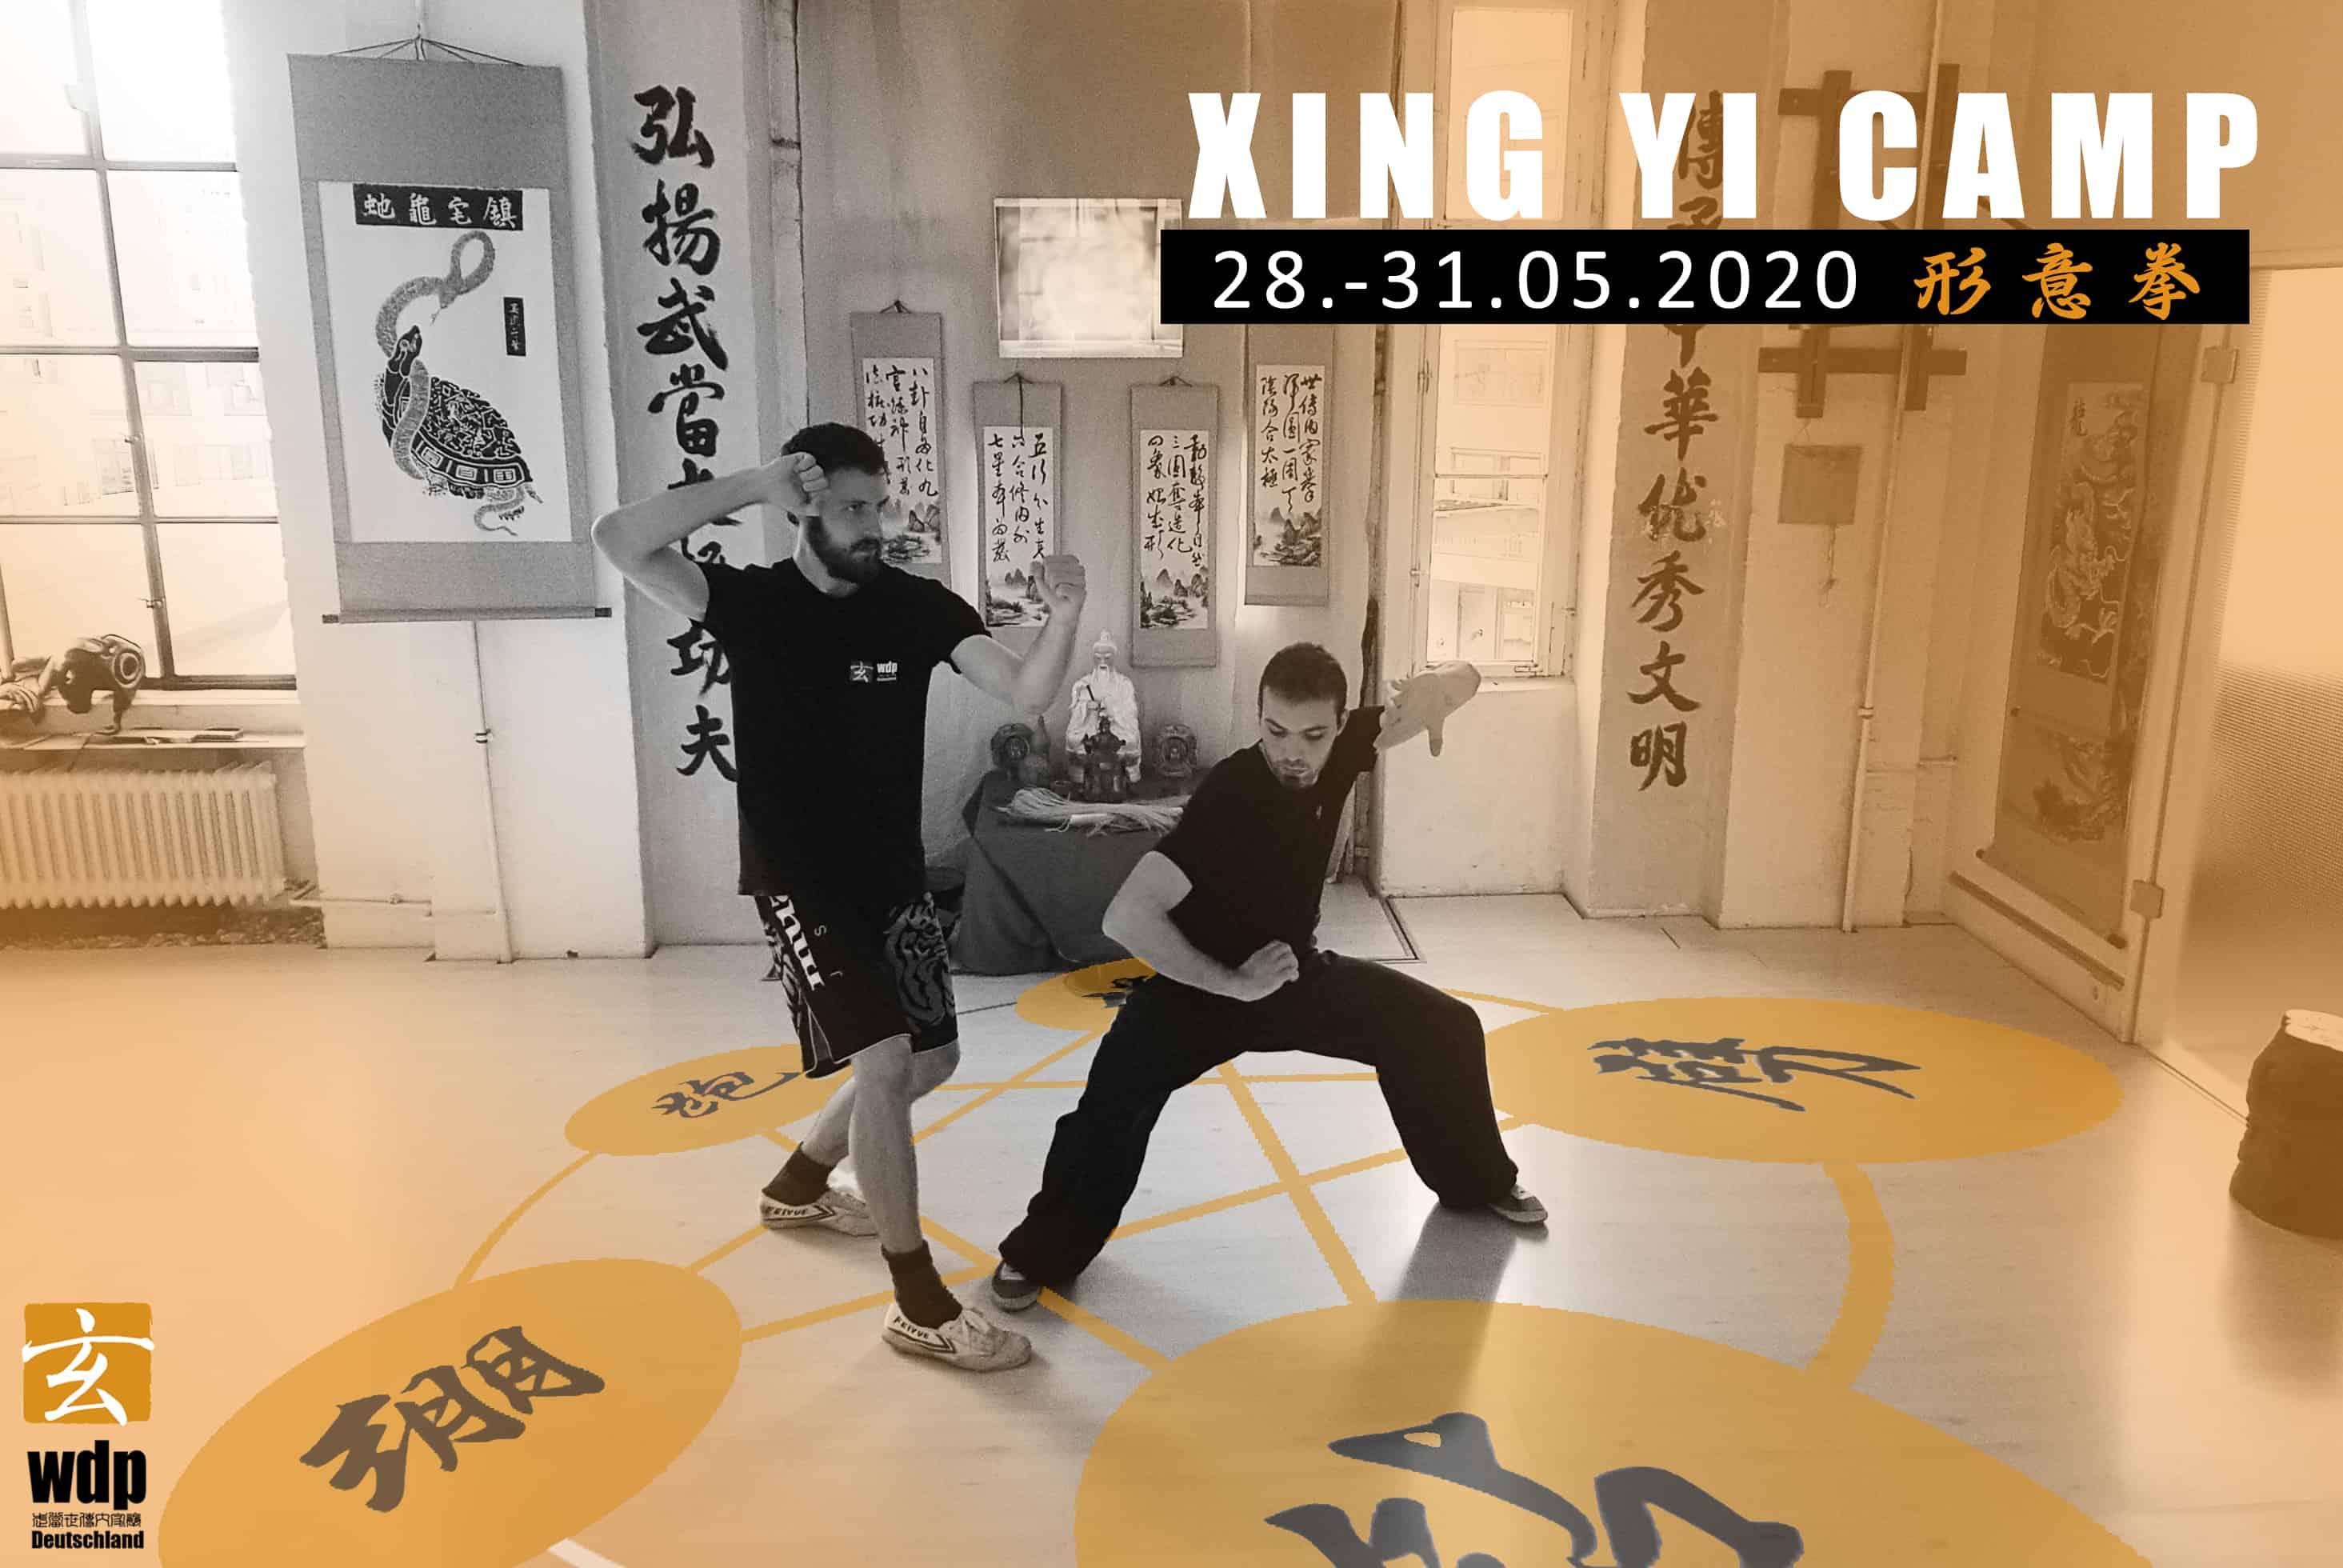 XING YI CAMP 2020